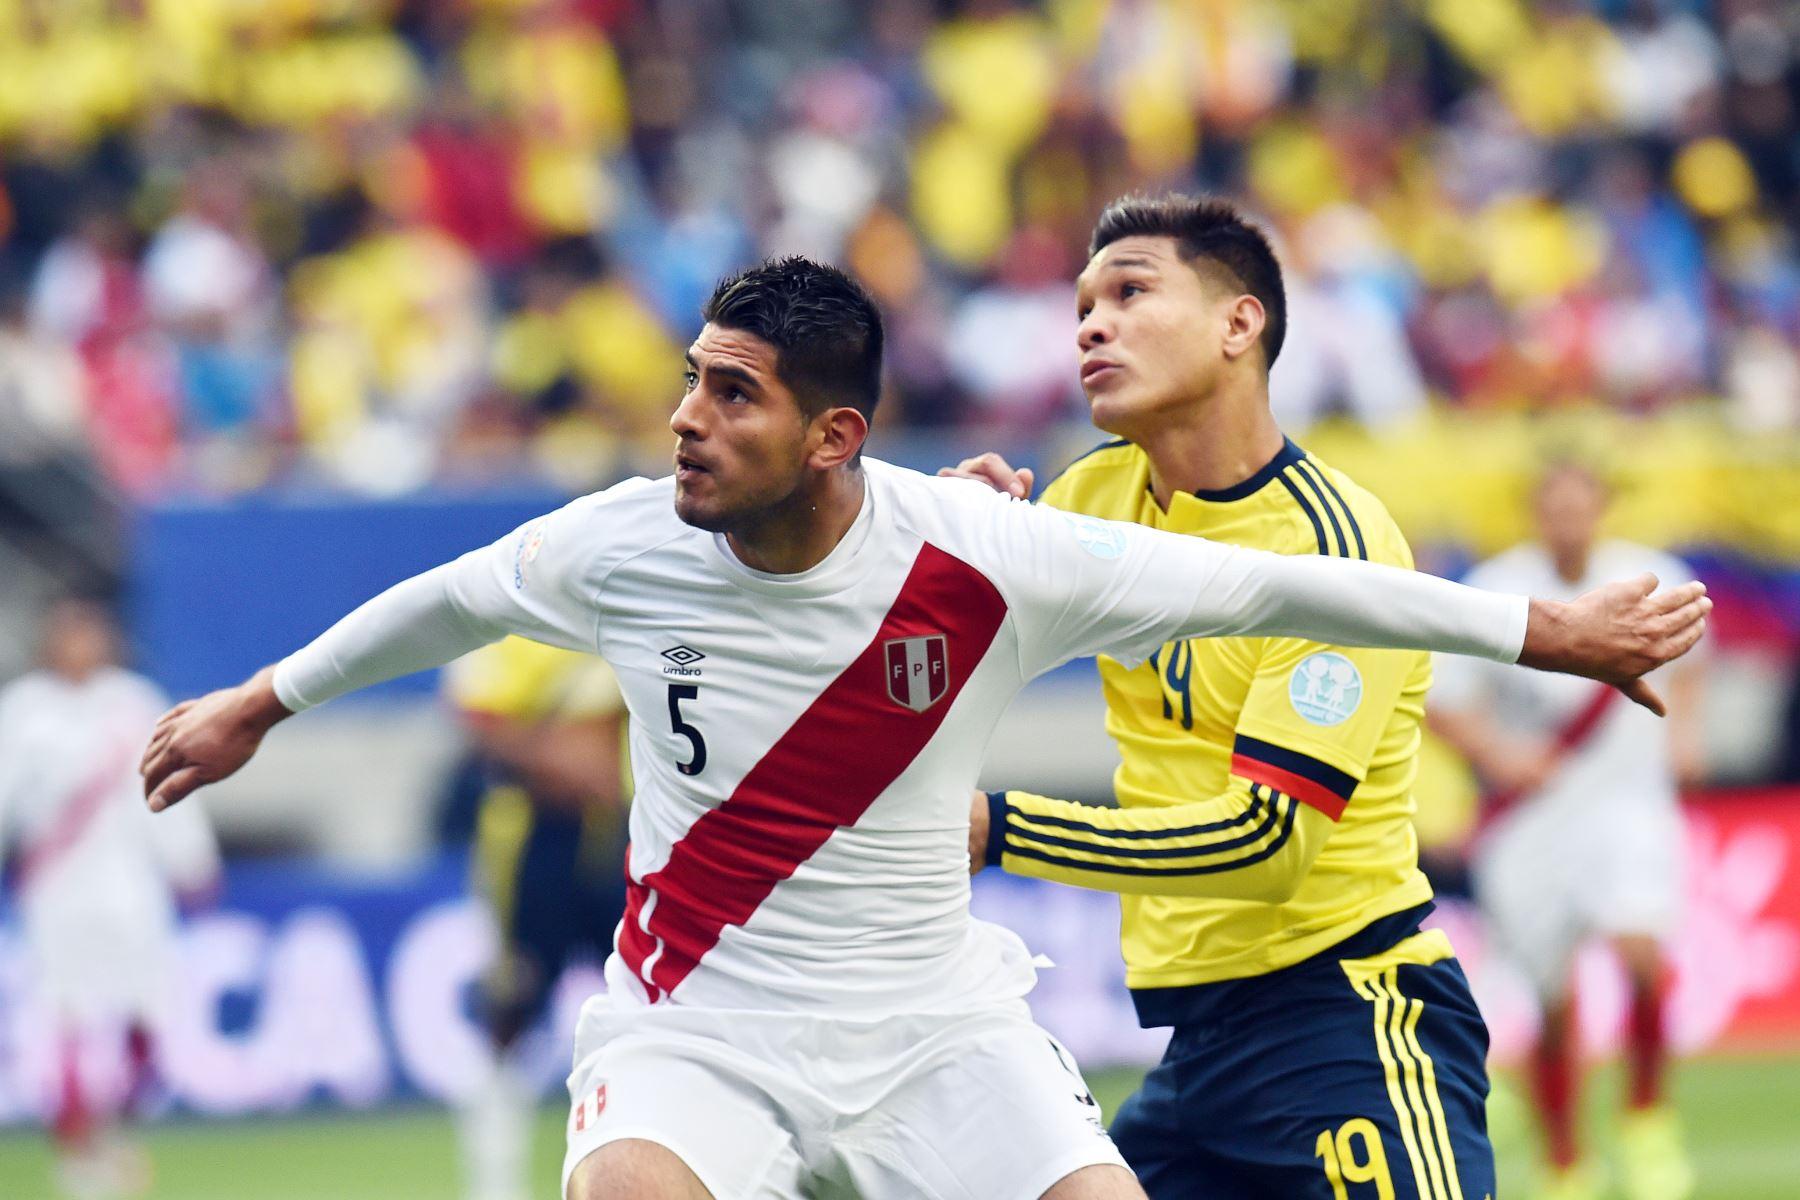 El defensa peruano Carlos Zambrano pasará hoy los exámenes médicos en las instalaciones del Boca Juniors, así lo dio a conocer el portal TyC Sport de Argentina, que confirma la contratación del jugador. AFP